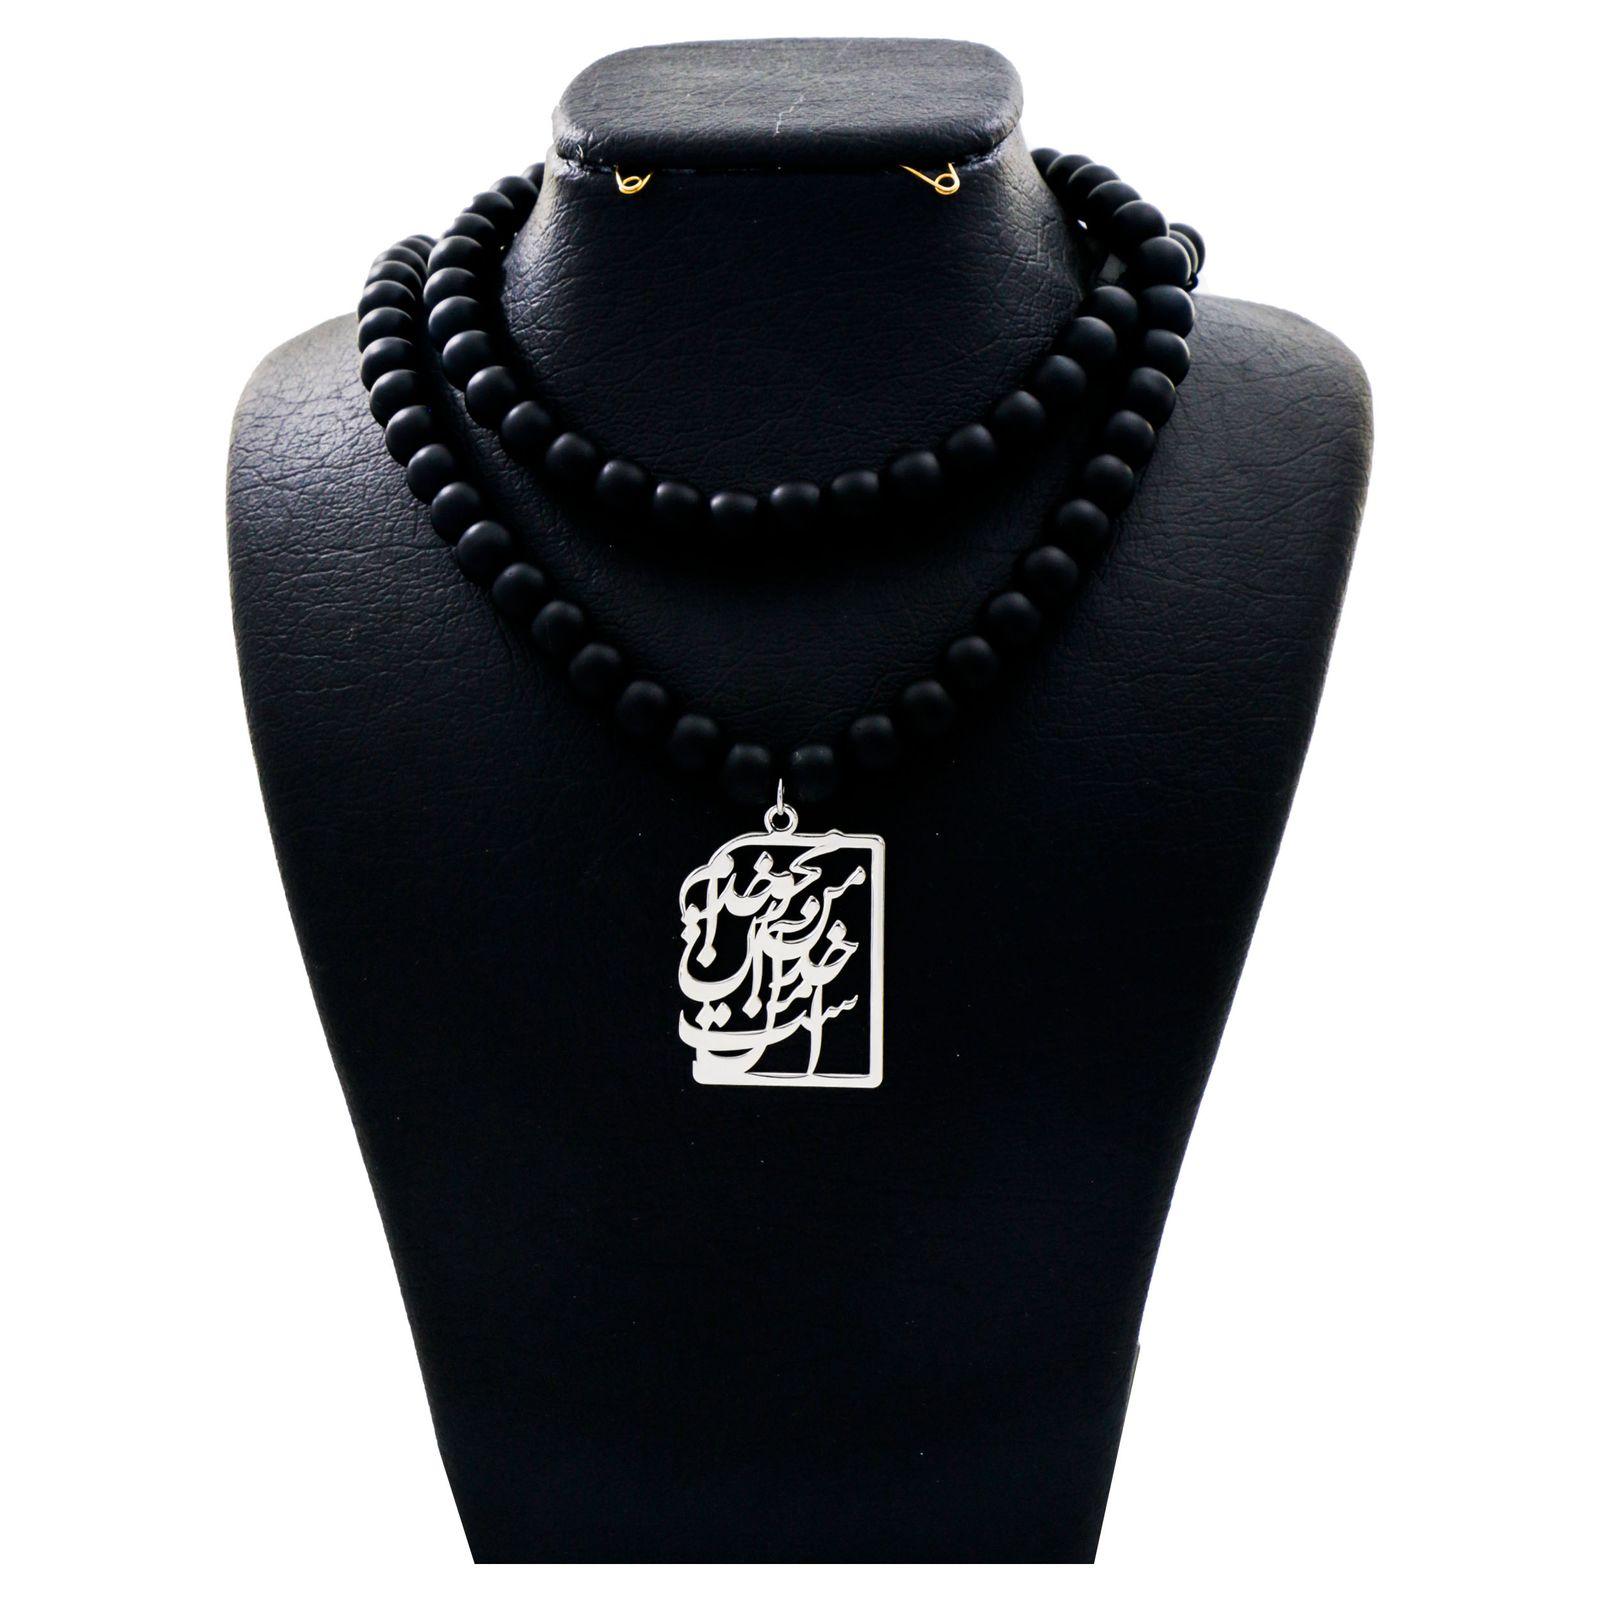 گردنبند نقره زنانه دلی جم طرح من محو خدایم و خدا آن من است کد D77 -  - 2